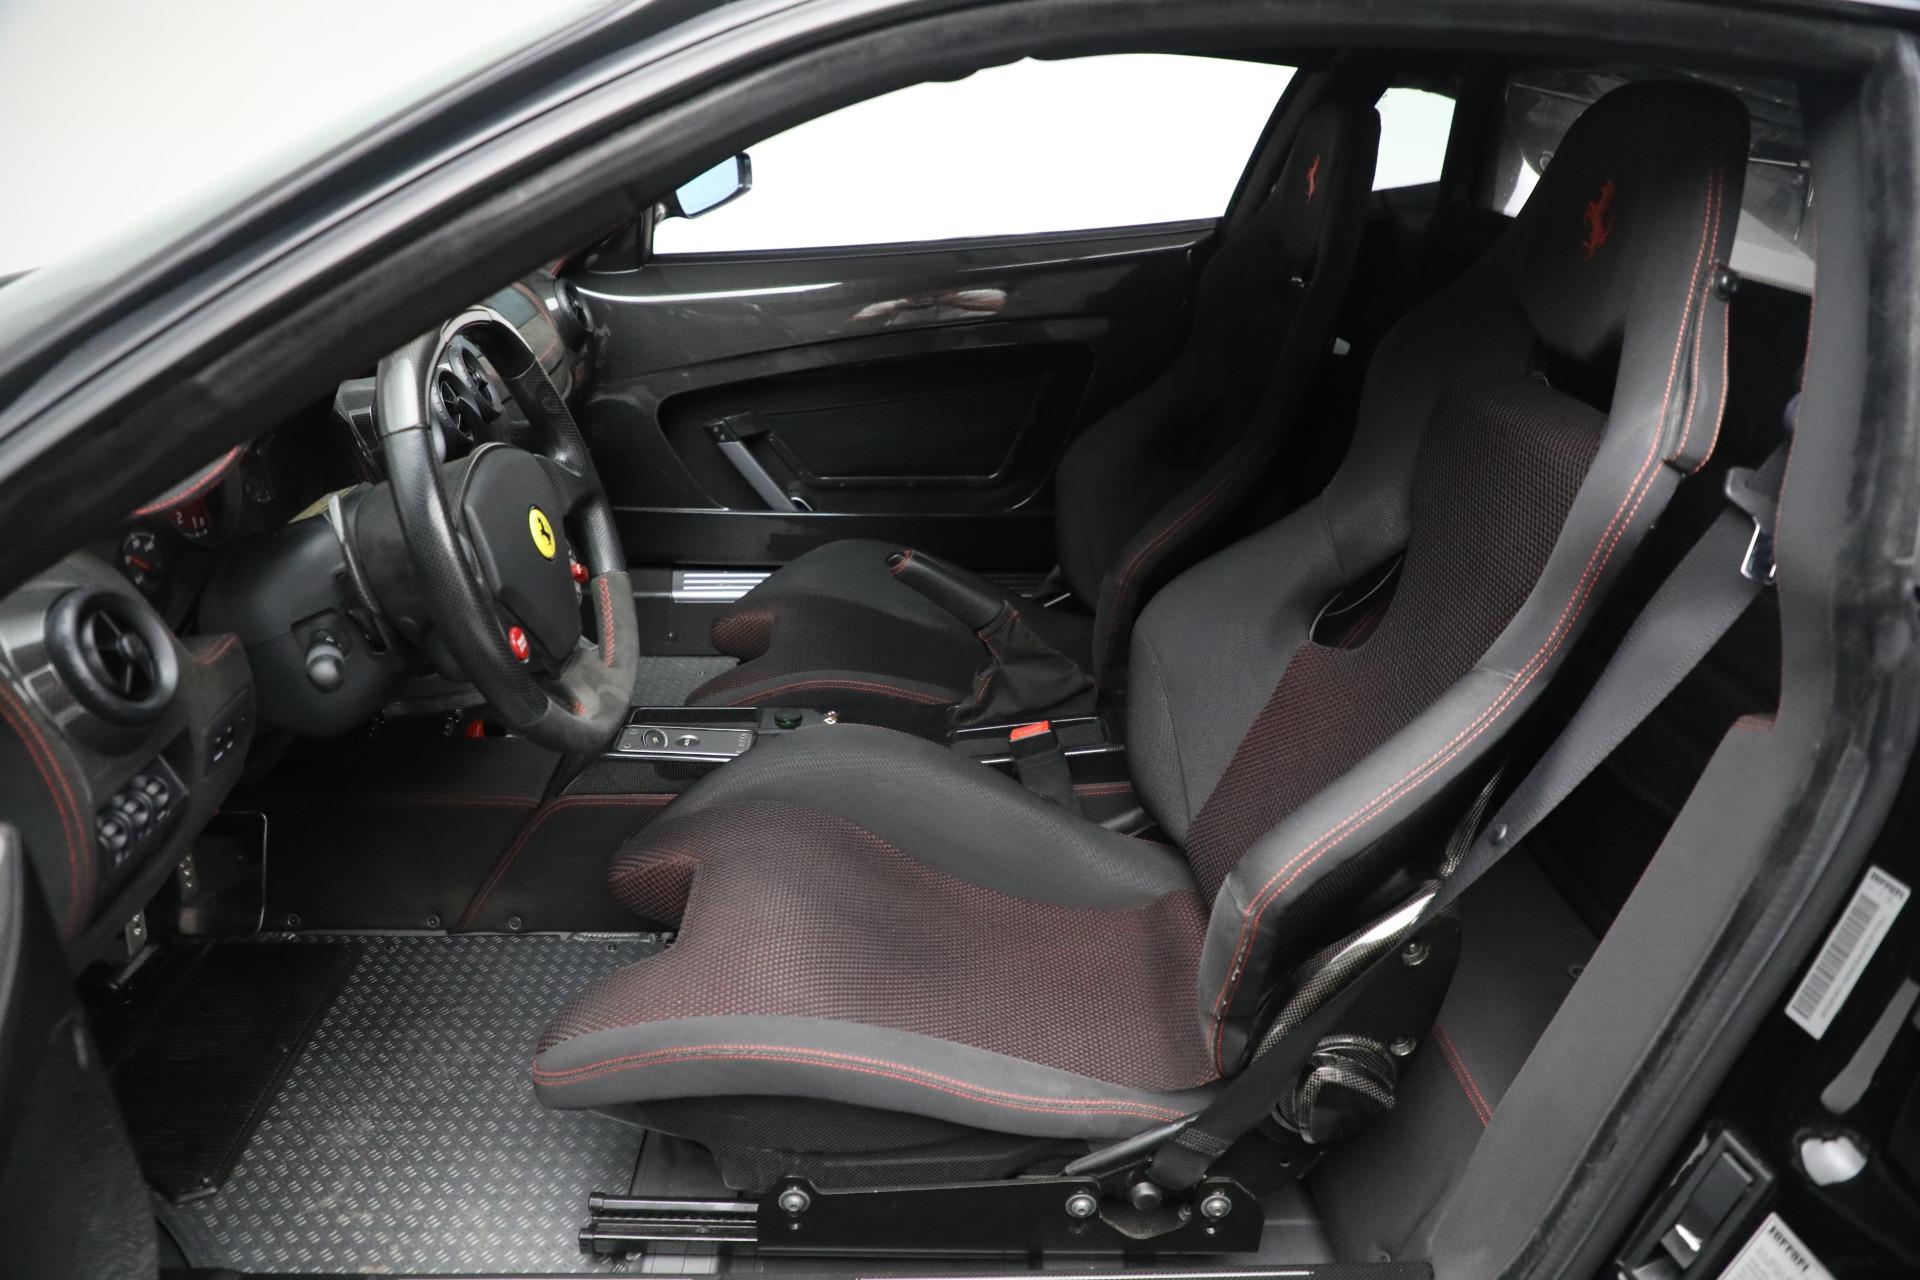 Used 2008 Ferrari 430 Scuderia For Sale In Greenwich, CT 3500_p14